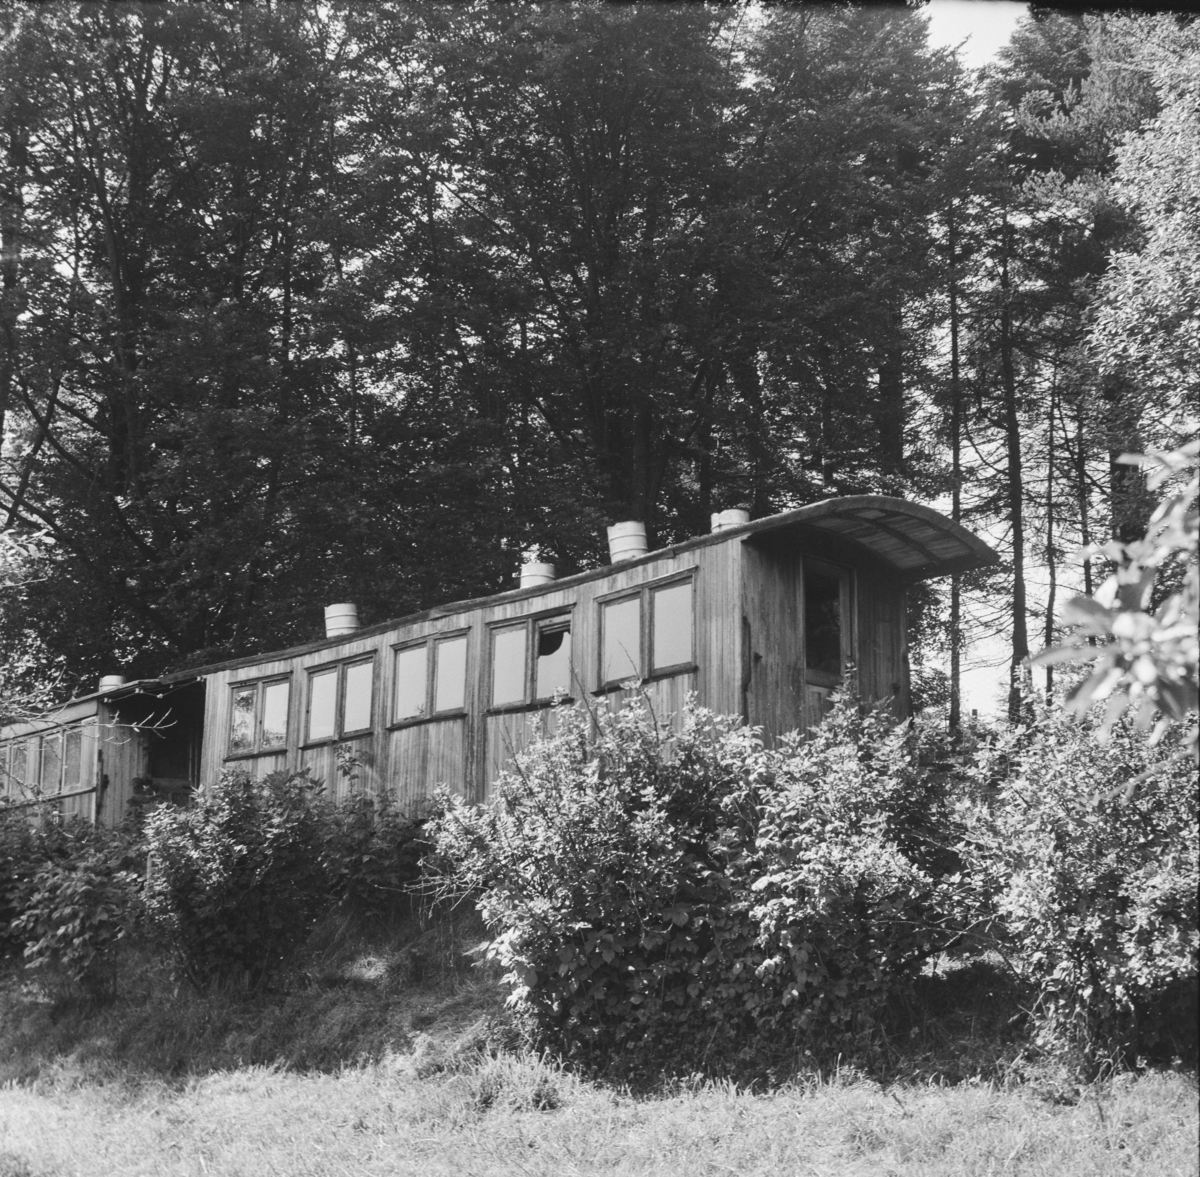 Vognkasser fra Nesttun-Osbanen. Vognen som skimtes til venstre er bygget av Oldbury, vognen til høyre er bygget av Skabo.